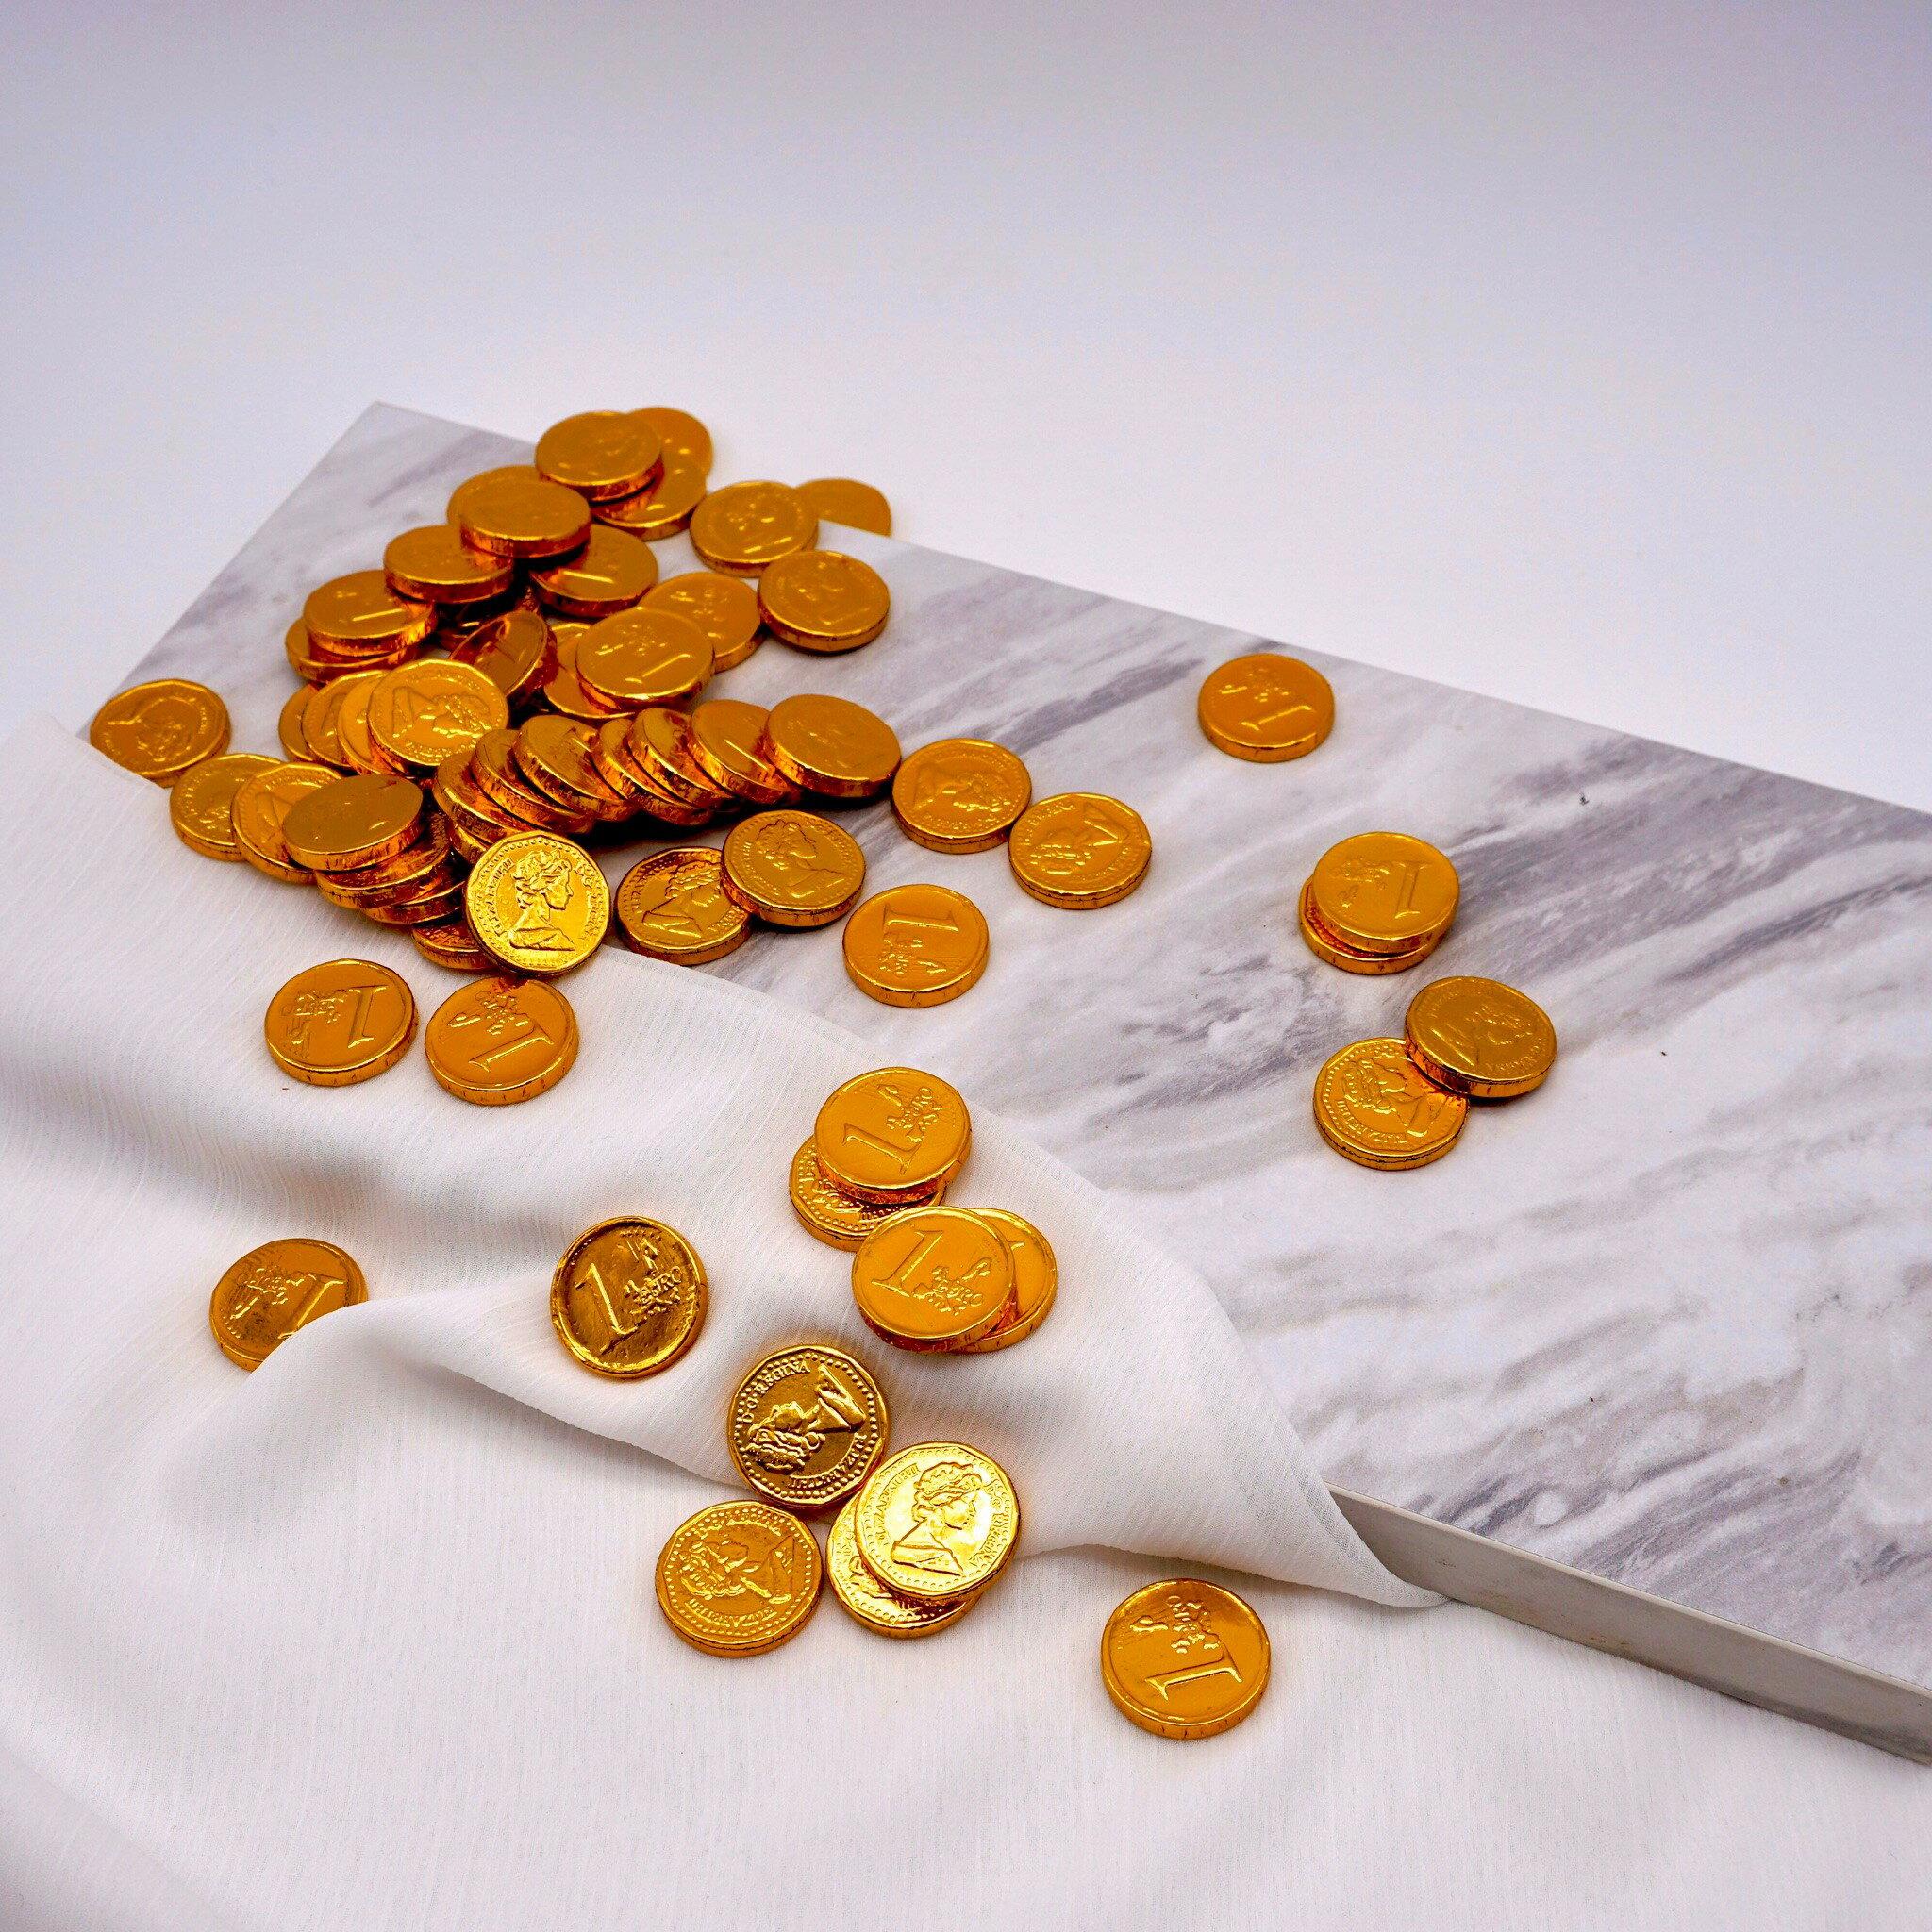 嘴甜甜 迷你金幣巧克力 230公克 巧克力系列 金幣巧克力 金幣 巧克力 素食 現貨